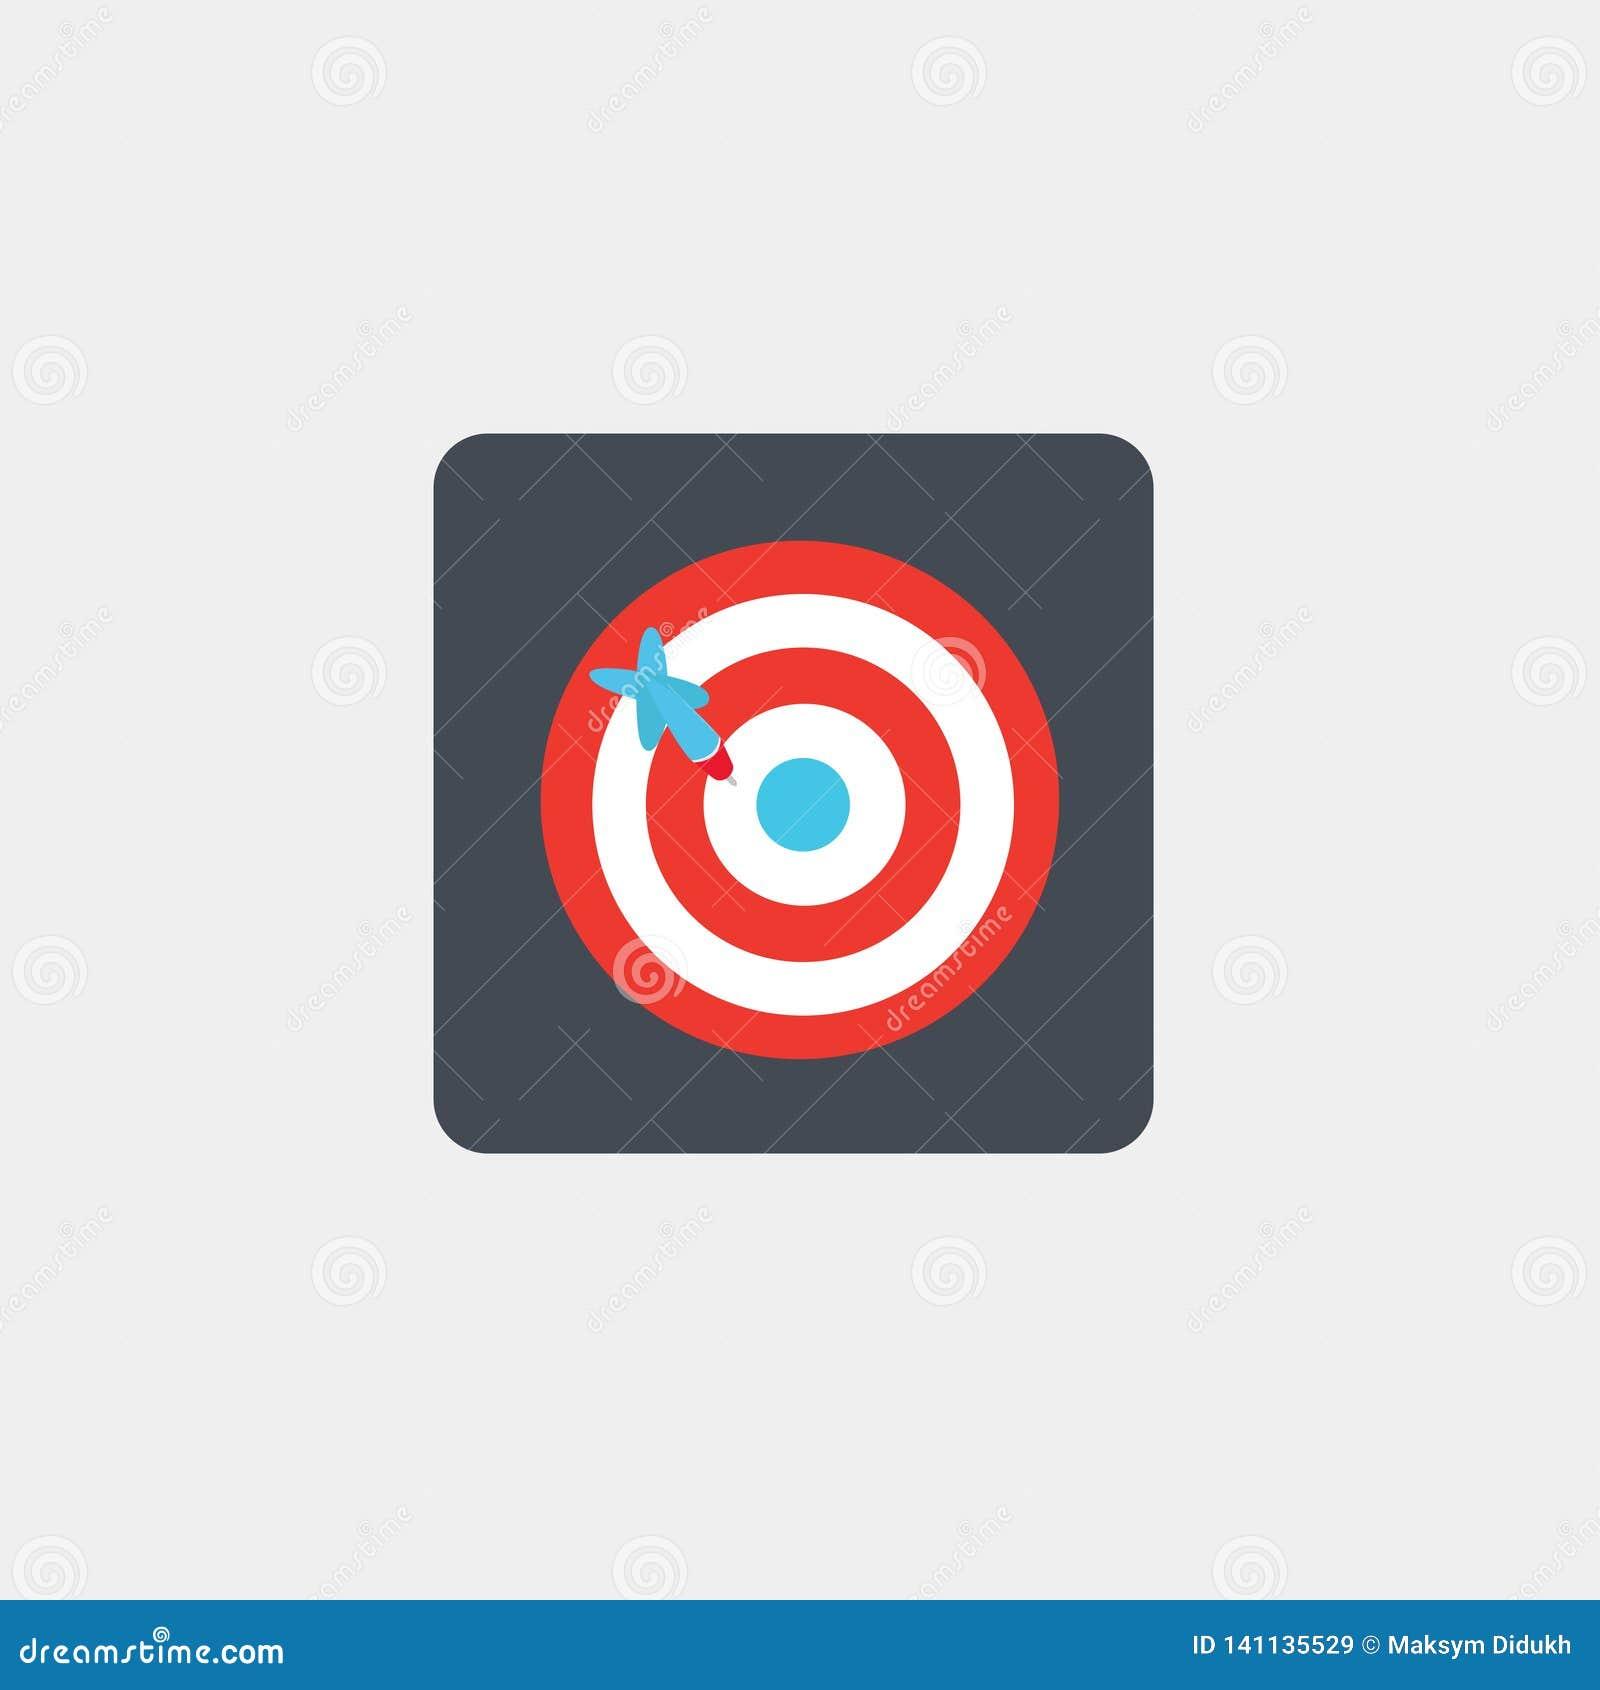 Lanza el juego dartboard icono LOGOTIPO Ilustración del vector EPS 10